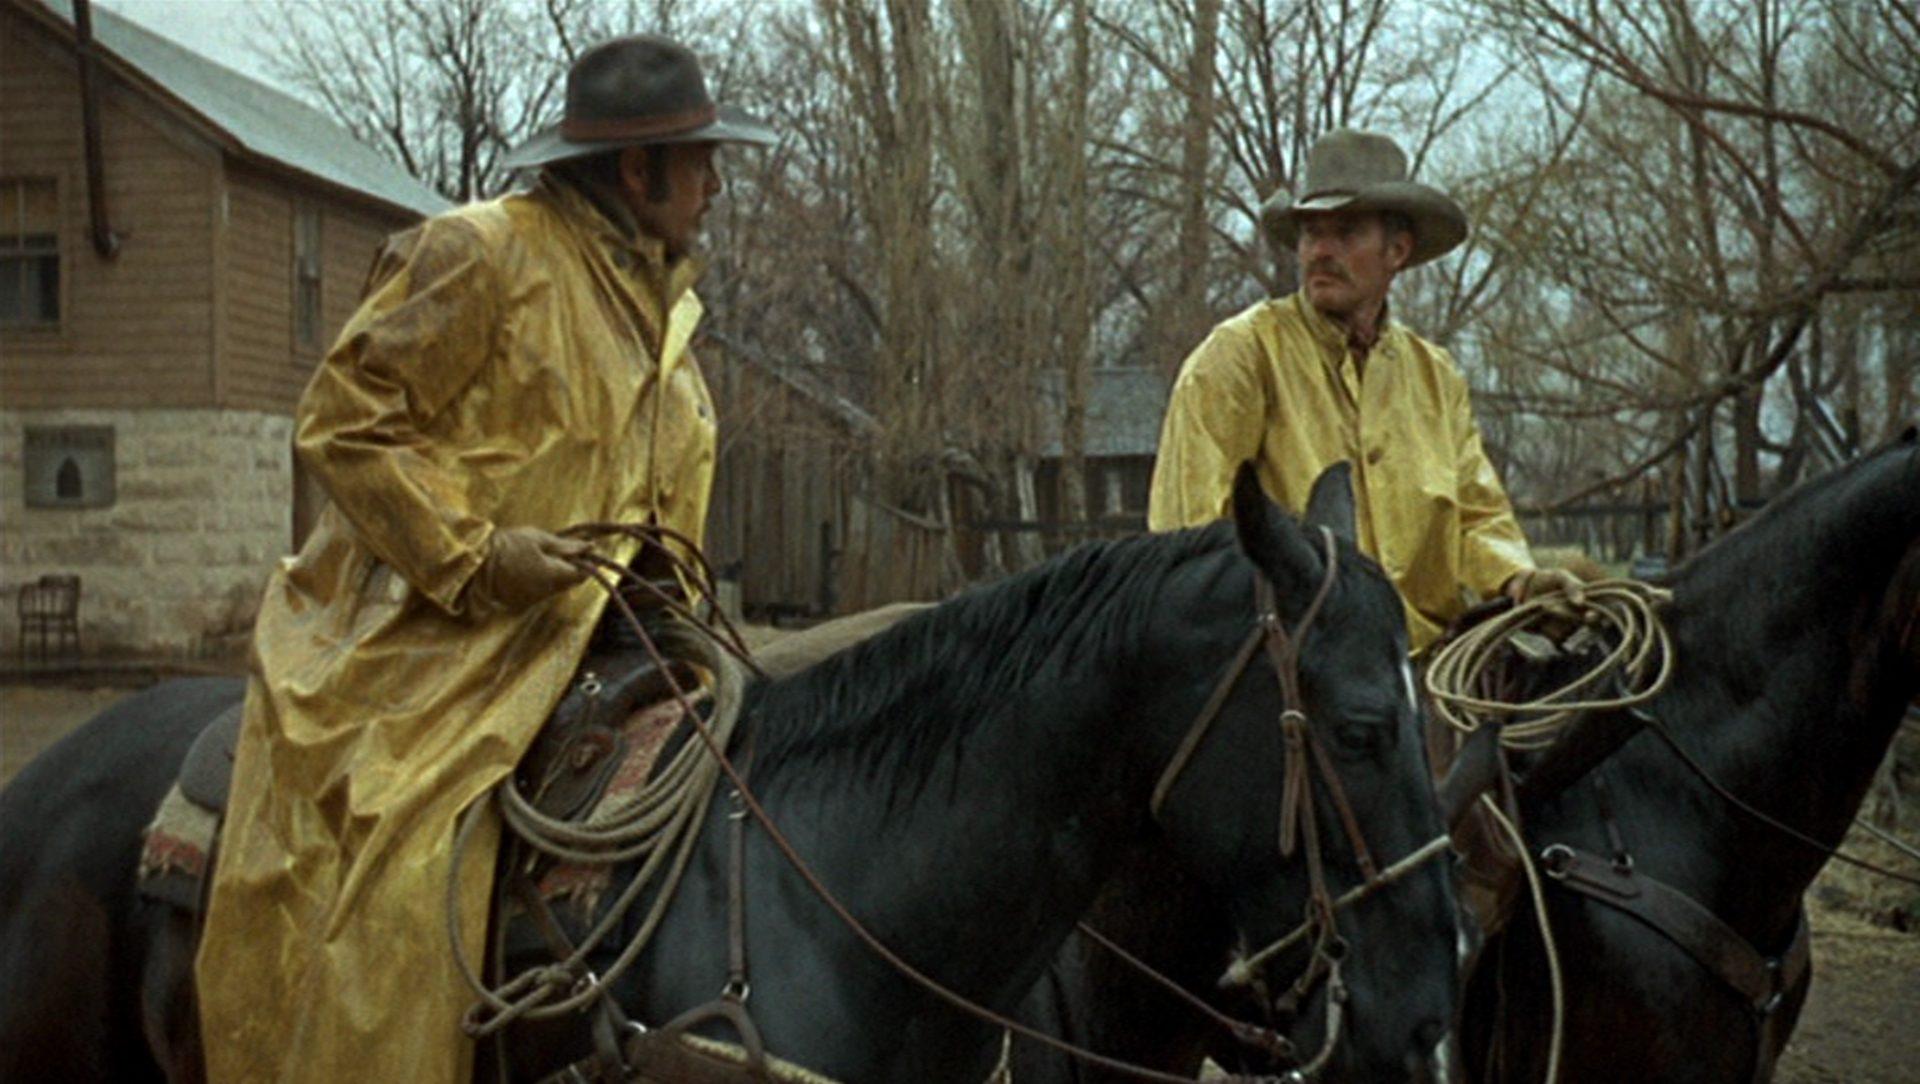 Will Penny im Gespräch mit einem Rancharbeiter zu Pferd in Regenjacken.